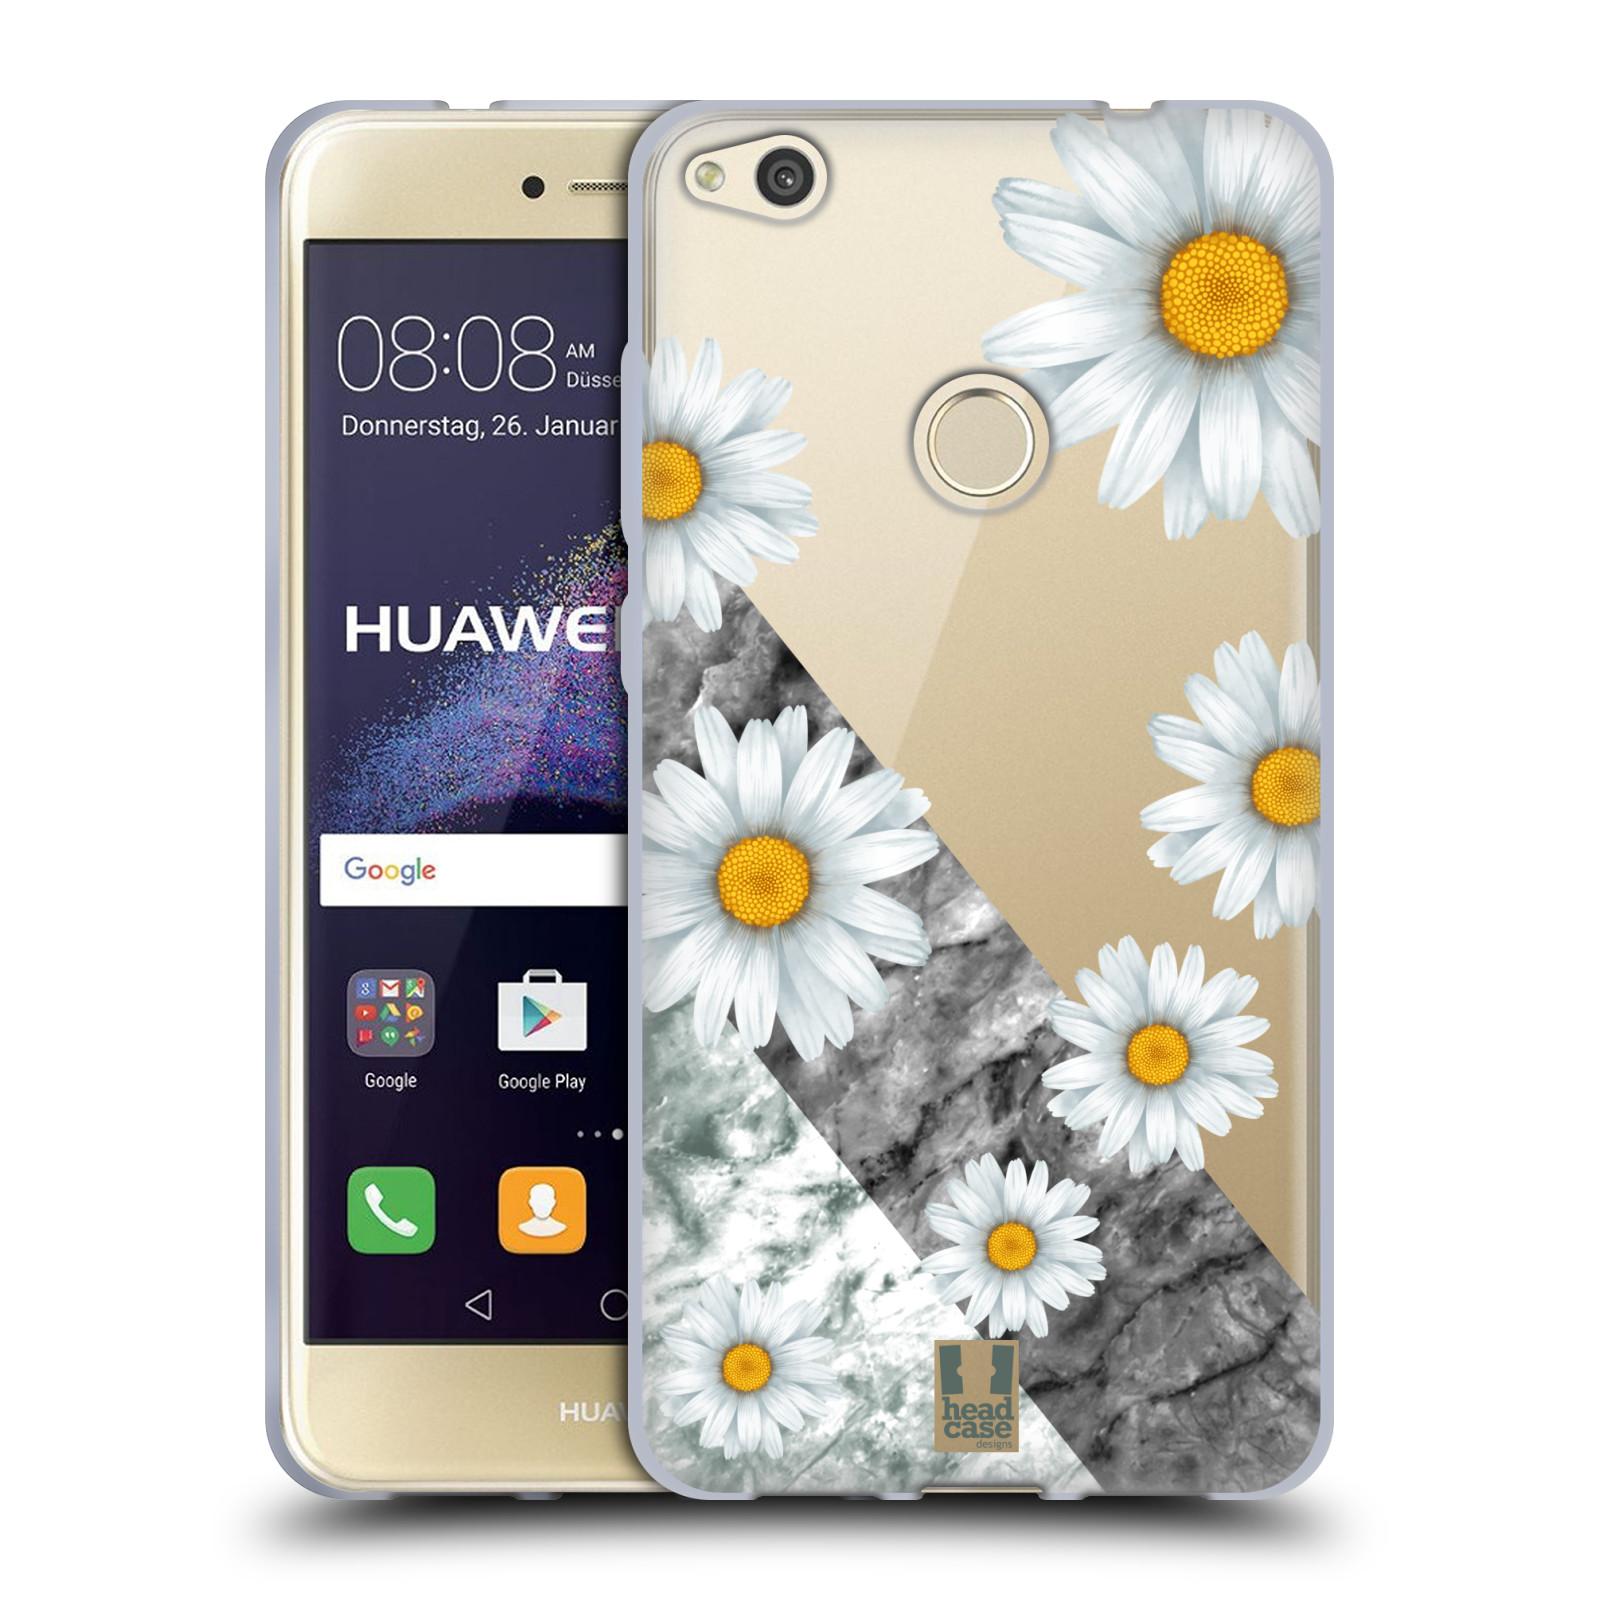 Silikonové pouzdro na mobil Huawei P9 Lite (2017) - Head Case - Kopretiny a mramor